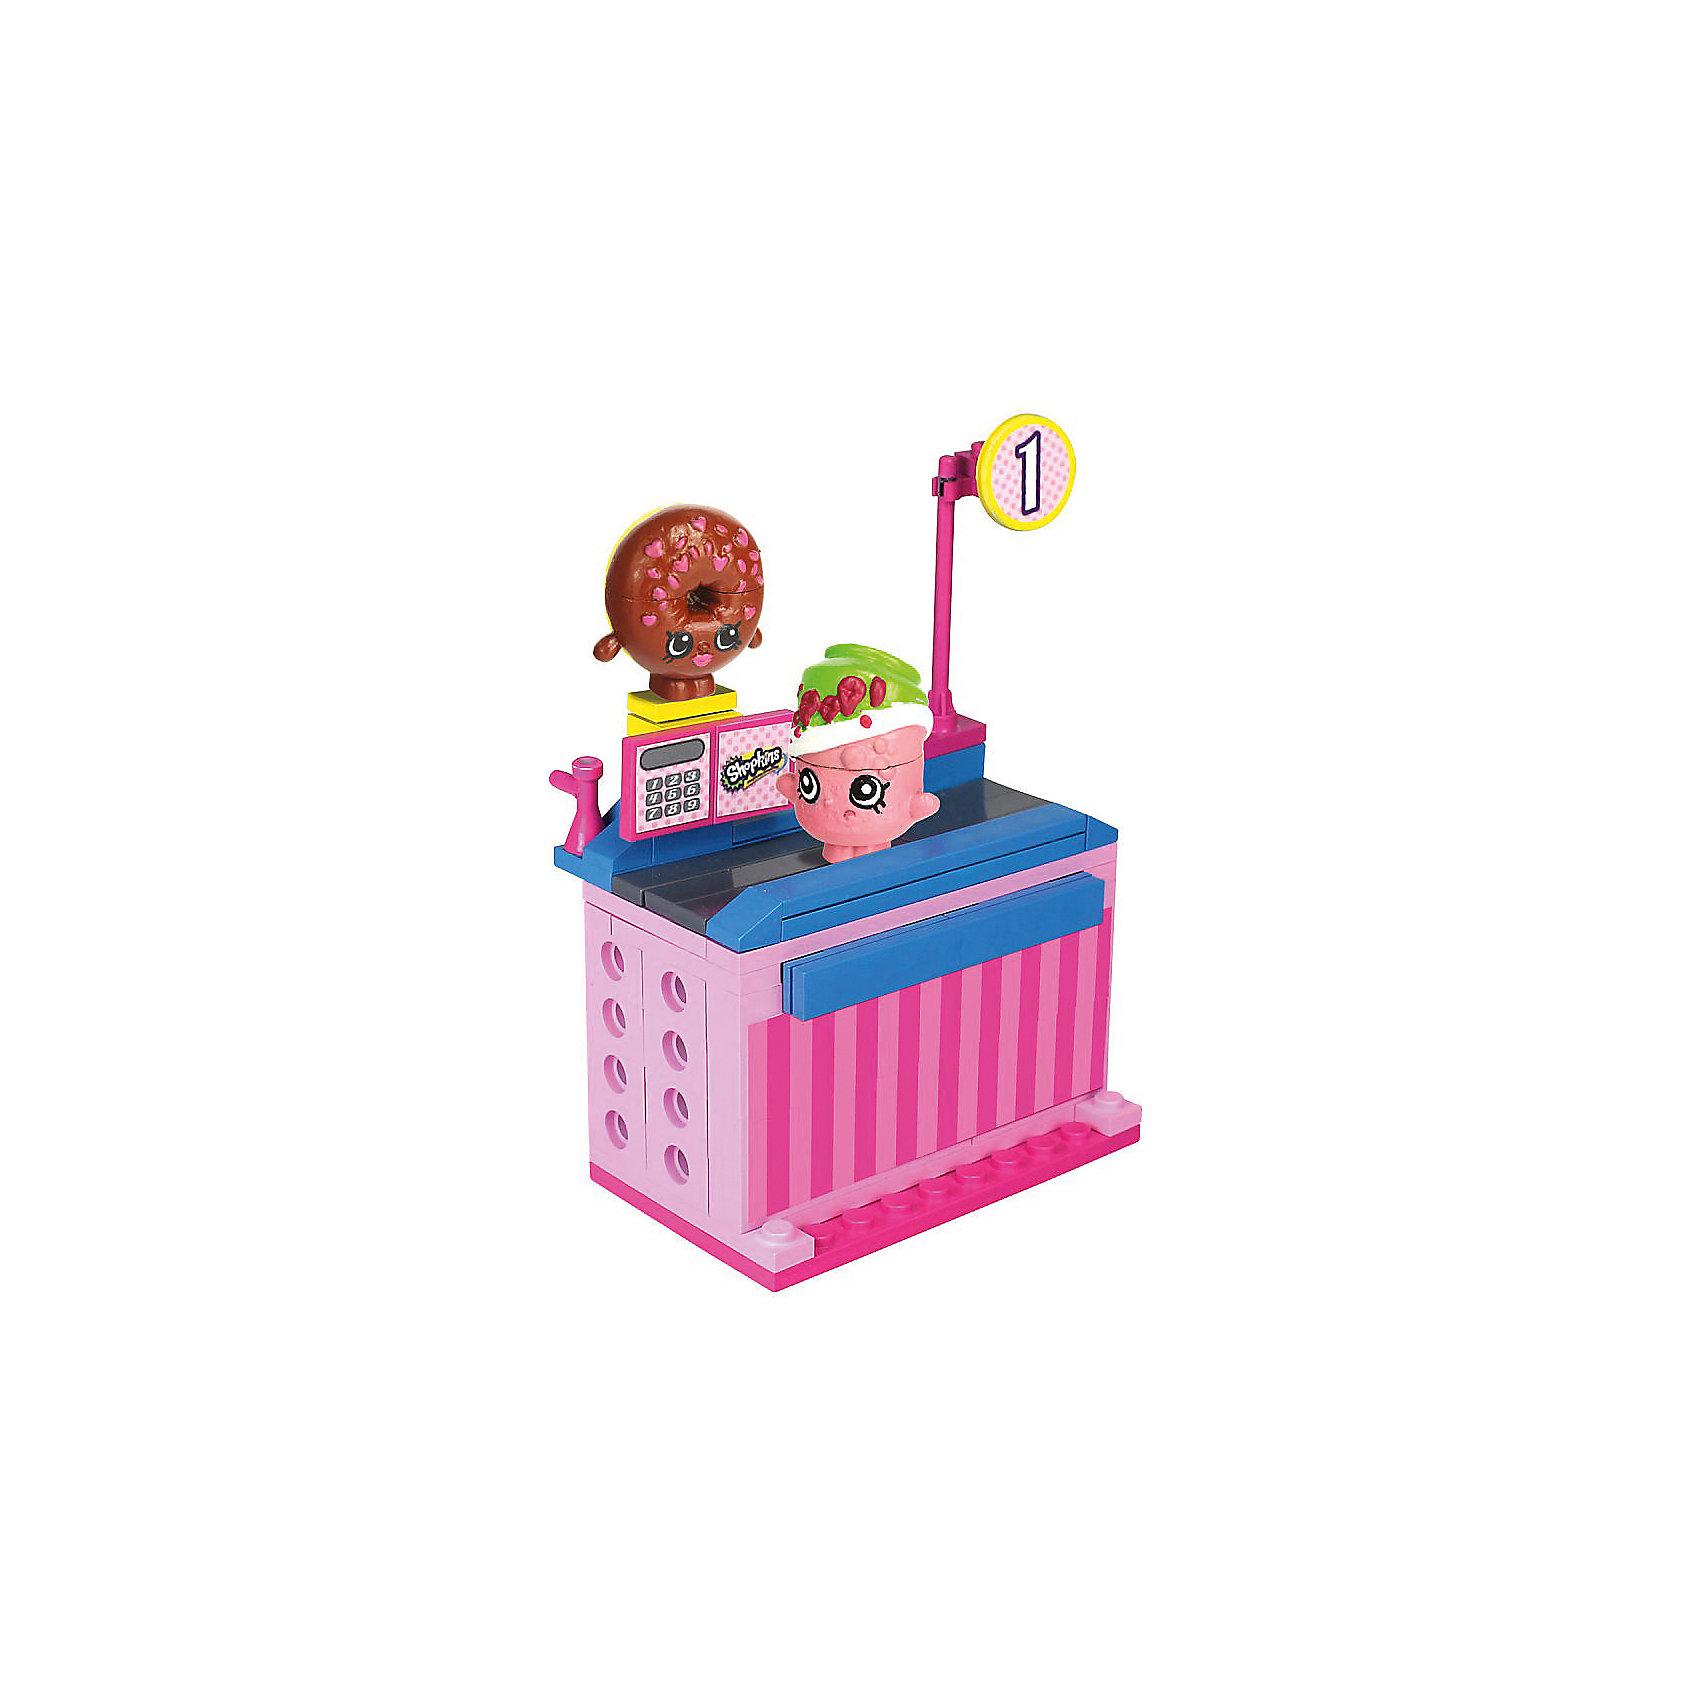 Конструктор «Магазин» Пончик Д'лиш и Сода Попс, ShopkinsЛюбителей конструкторов и мультфильма Shopkins приведет в восторг этот набор - с помощью него можно придумывать множество сюжетов игр с обожаемыми героями. Набор состоит из 62 деталей, из них можно сконструировать кассу. Также в нем есть 2 мини-фигурки – Пончик Д'лиш и Сода Попс. Они состоят из трех частей. Этот набор можно использовать в играх с другими конструкторами от Shopkins Kinstructions от The Bridge Direct и Lego. Набор произведен из высококачественных материалов и соответствует стандартам безопасности. Конструктор дополнен специальными наклейками, с помощью которых постройки можно украшать!<br><br>Дополнительная информация:<br><br>цвет: разноцветный;<br>материал: пластик;<br>деталей: 62 шт;<br>фигурок: 2 шт.<br><br>Конструктор «Магазин» Пончик Д'лиш и Сода Попс, Shopkins можно купить в нашем магазине.<br><br>Ширина мм: 38<br>Глубина мм: 127<br>Высота мм: 178<br>Вес г: 180<br>Возраст от месяцев: 72<br>Возраст до месяцев: 120<br>Пол: Женский<br>Возраст: Детский<br>SKU: 4924448